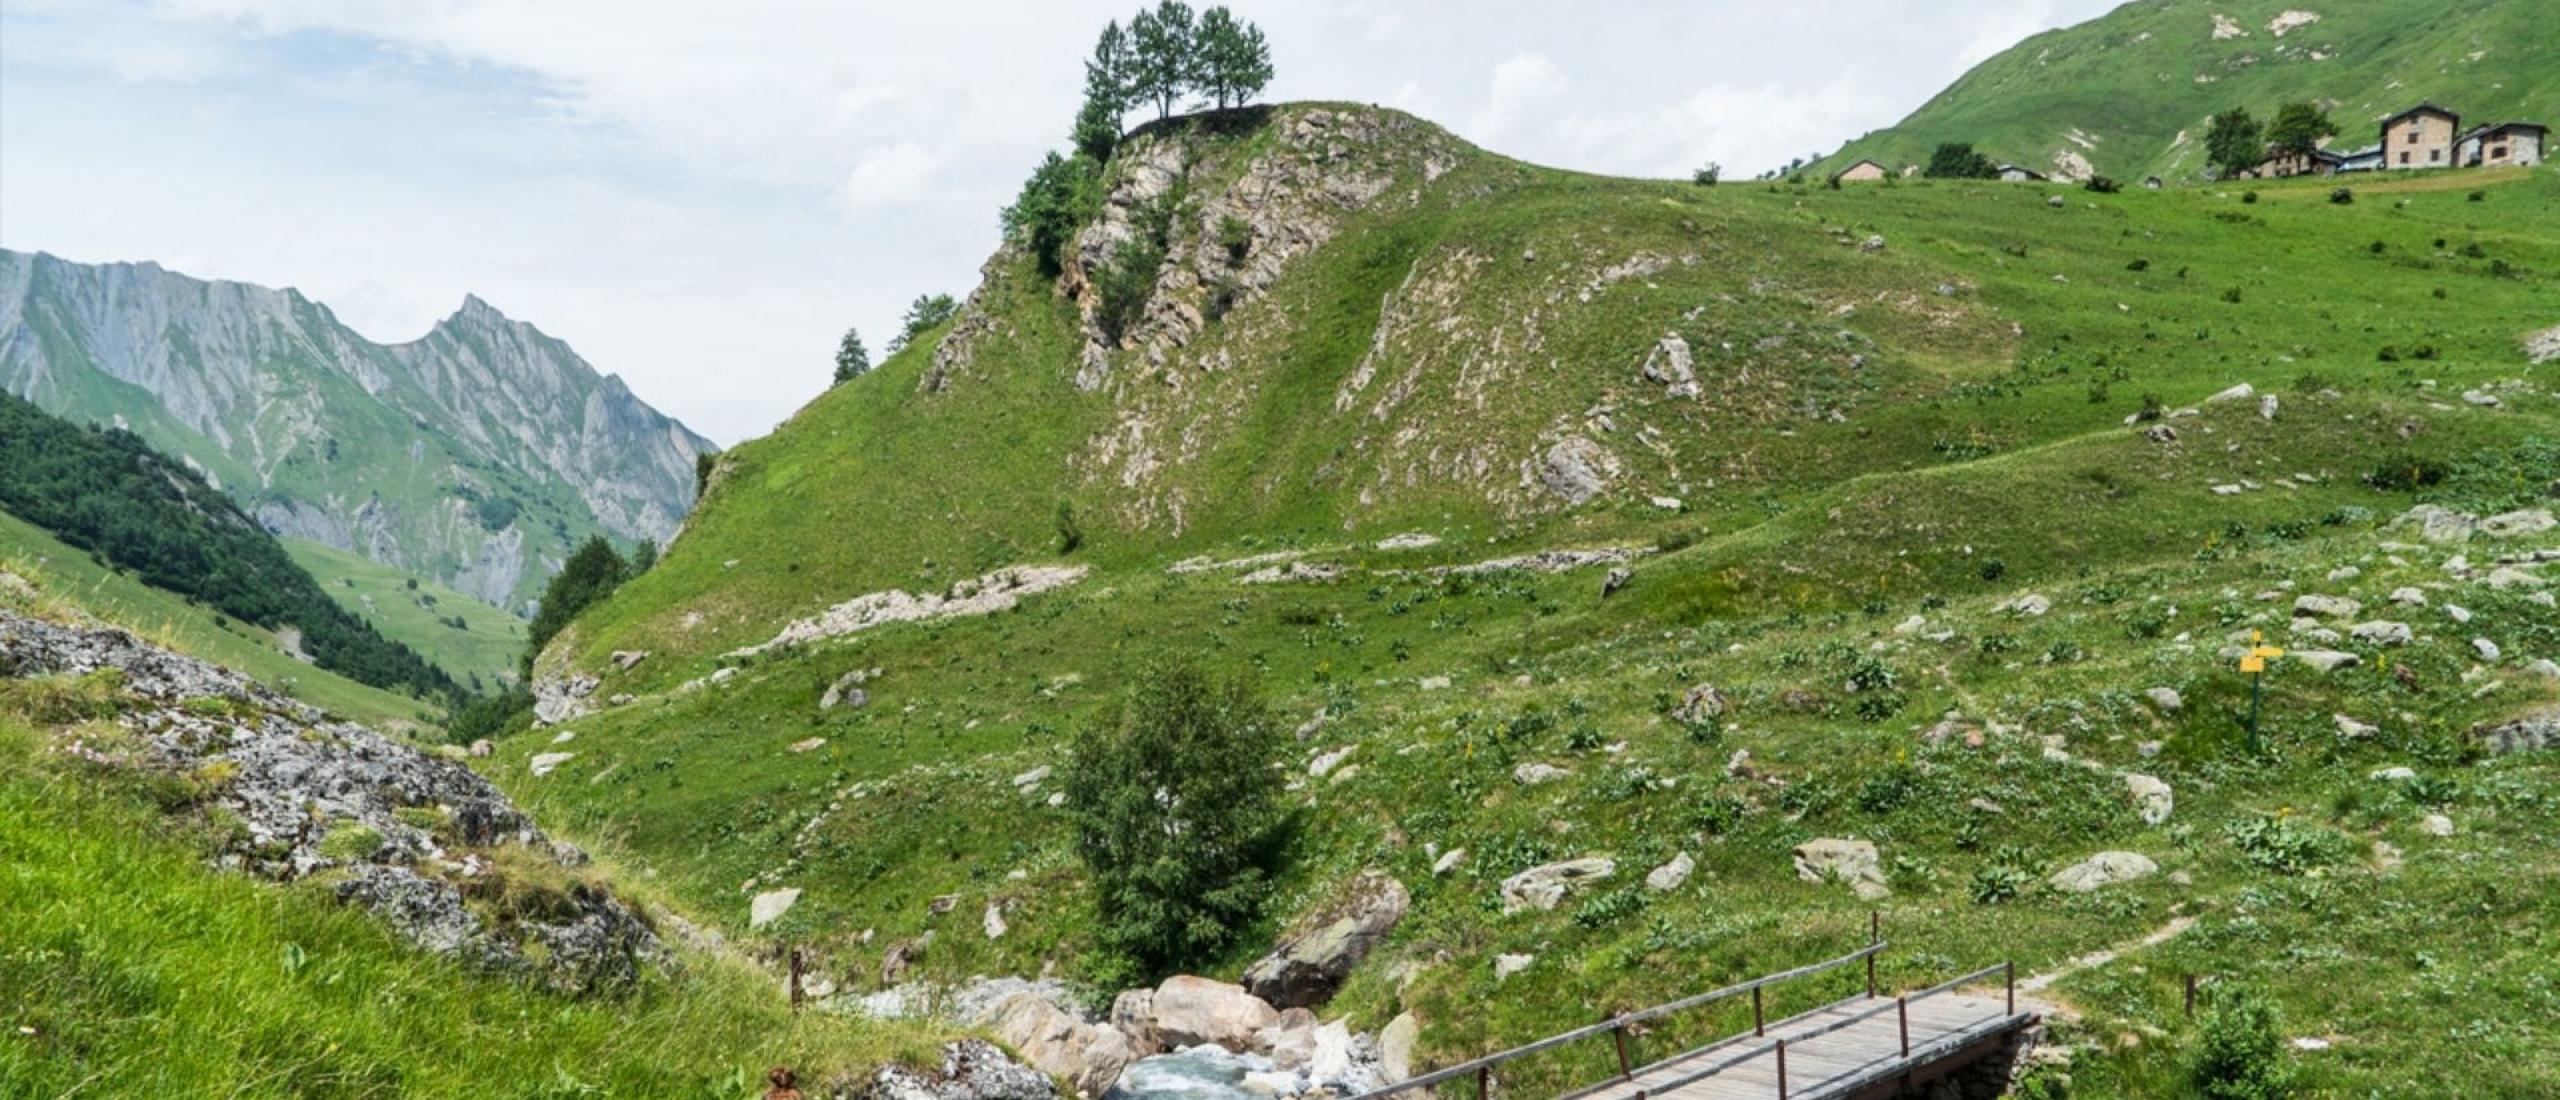 Puur natuur en puur genieten in de Franse bergen: